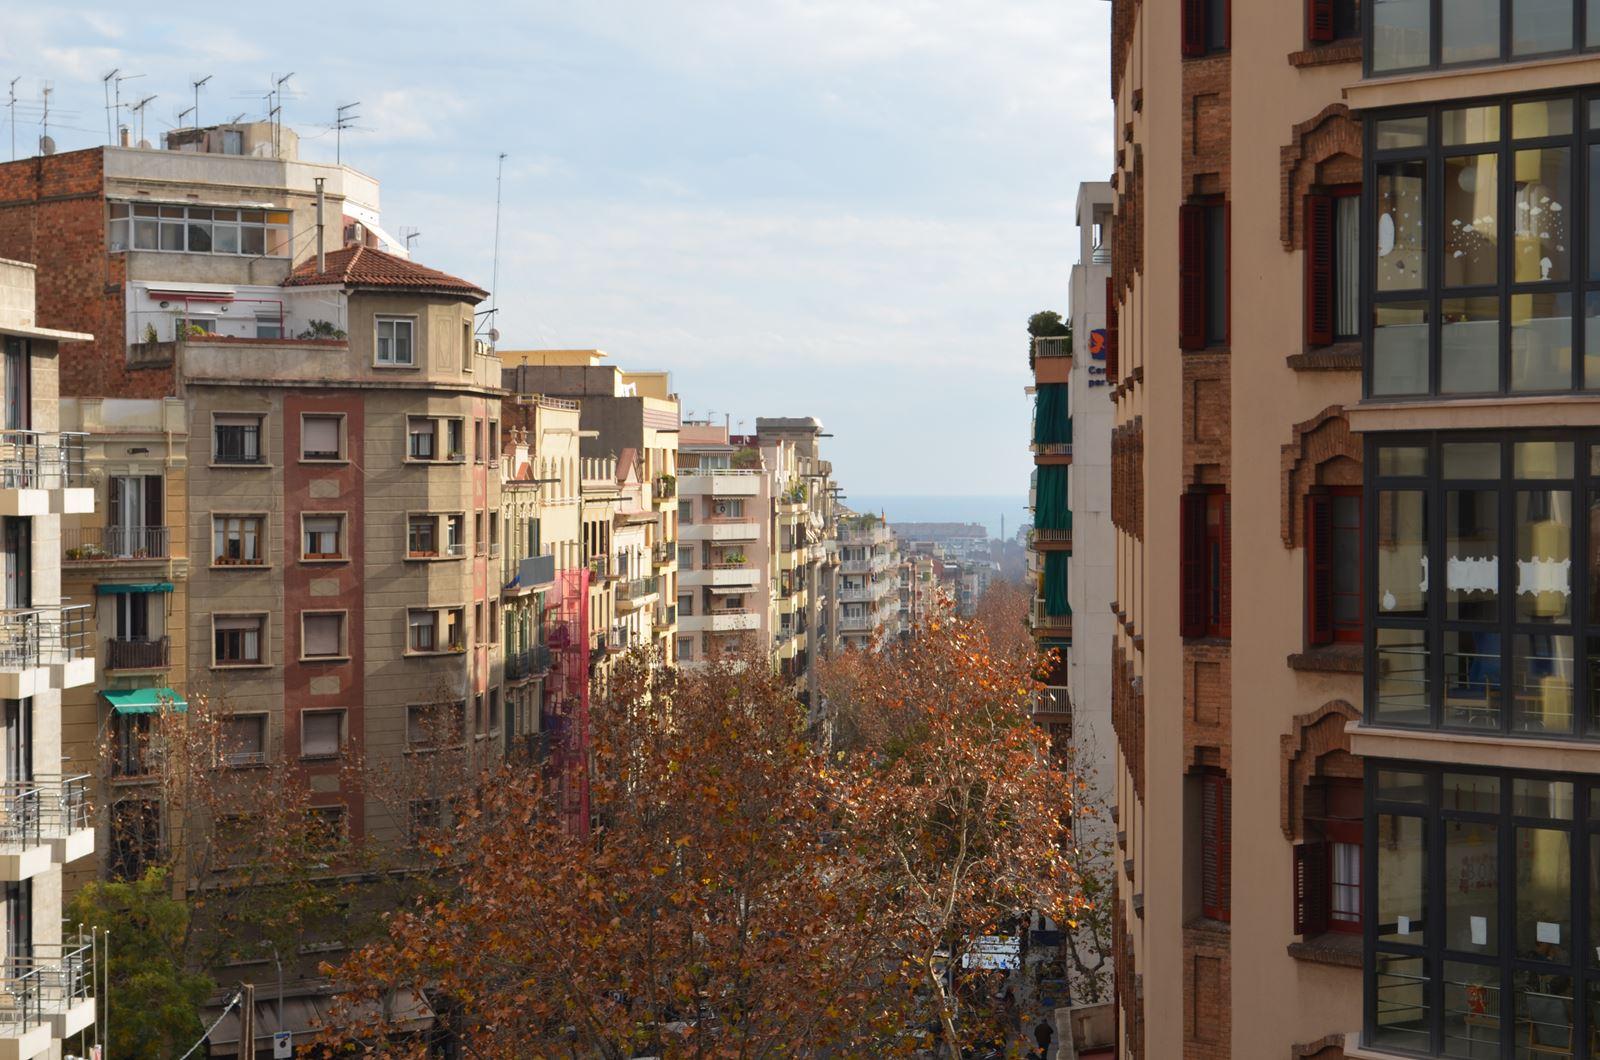 Piso en Castillejos Barrio de Sagrada Familia Barcelona Despues 029